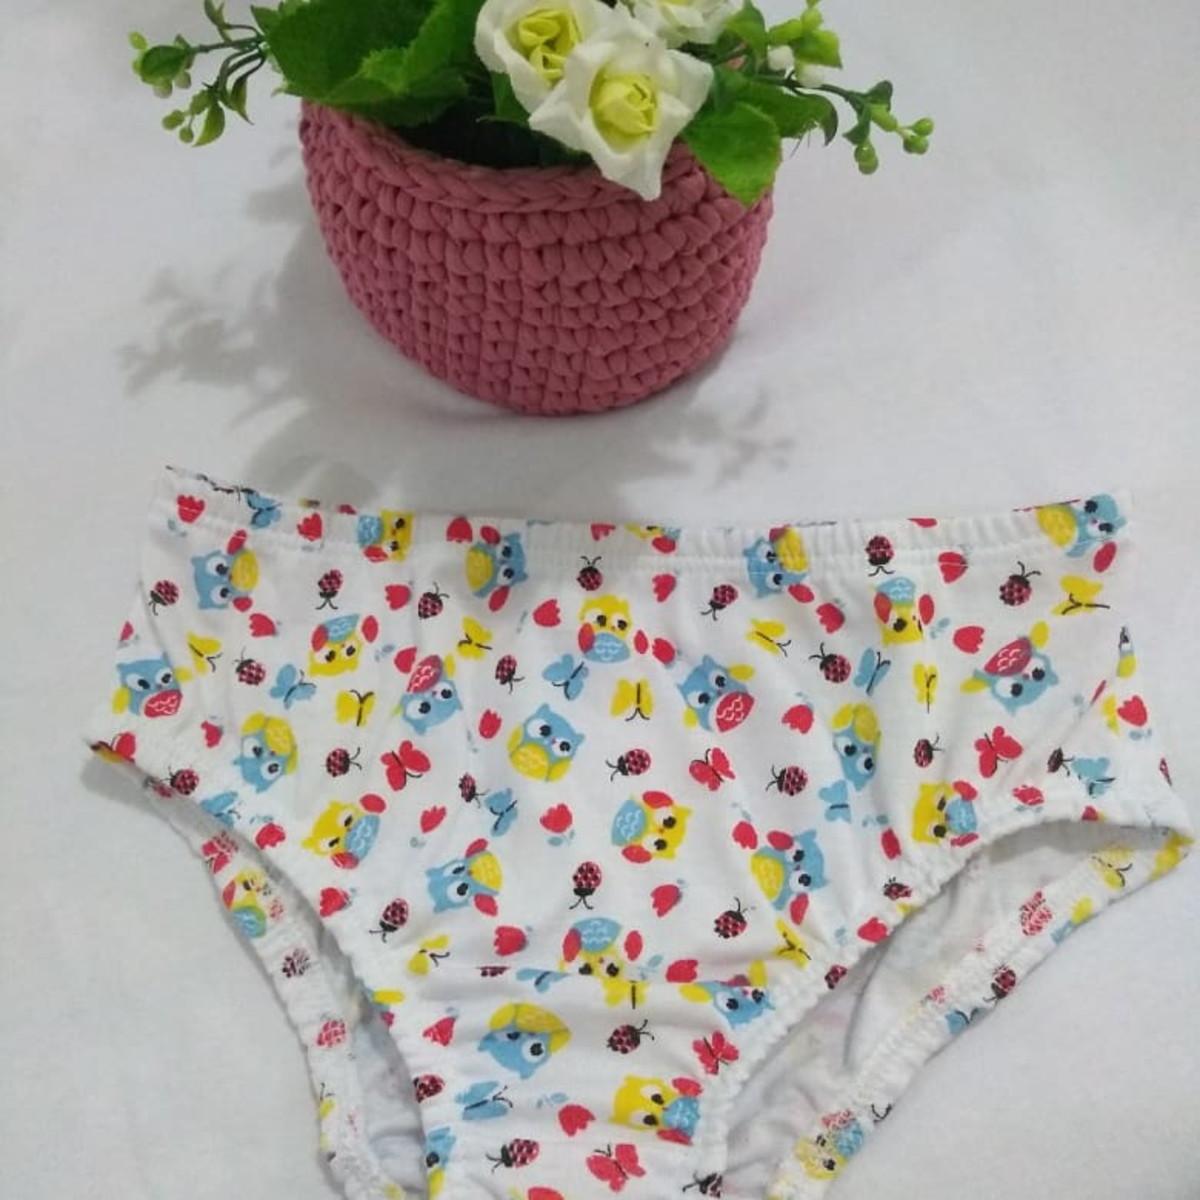 1dcdf8743 Calcinha infantil em malha 100% algodão no Elo7